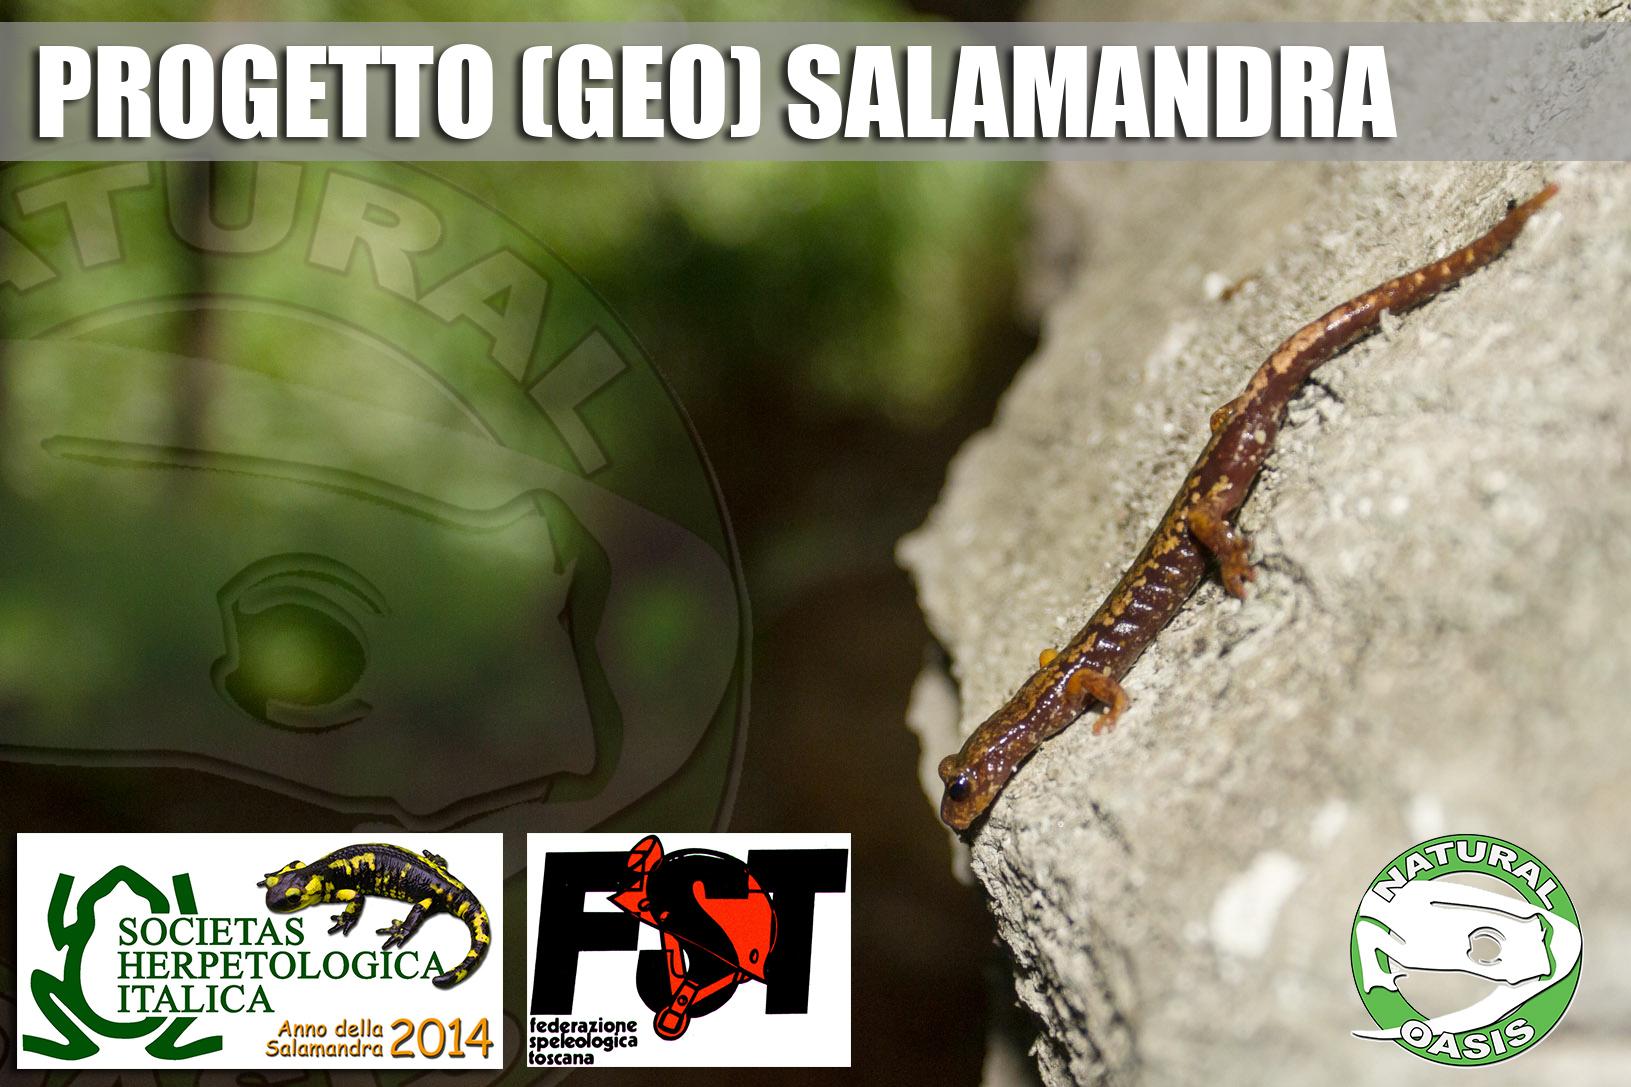 Progetto (geo)salamandra